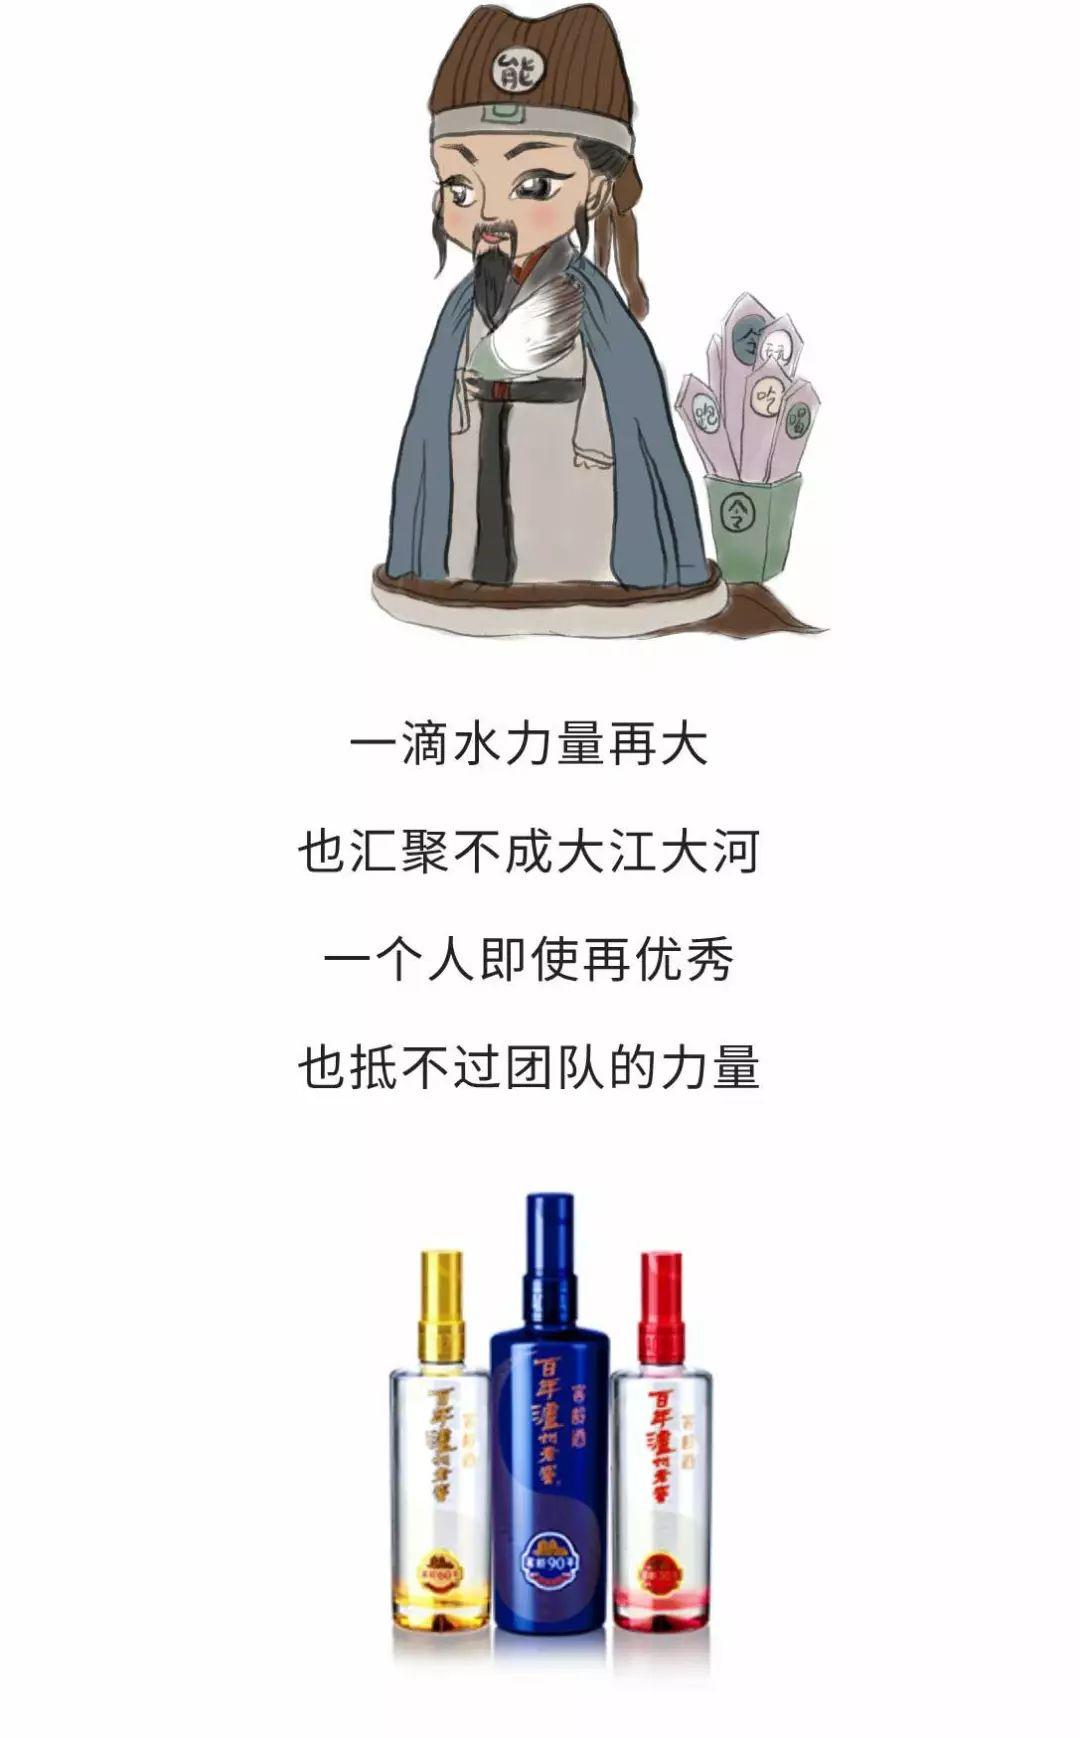 """百年,白酒,泸州,老窖,字号 解锁浓香DNA   中国两大""""窖""""字号白酒""""百年泸州老窖窖龄酒"""" 中国酒业第一论坛"""